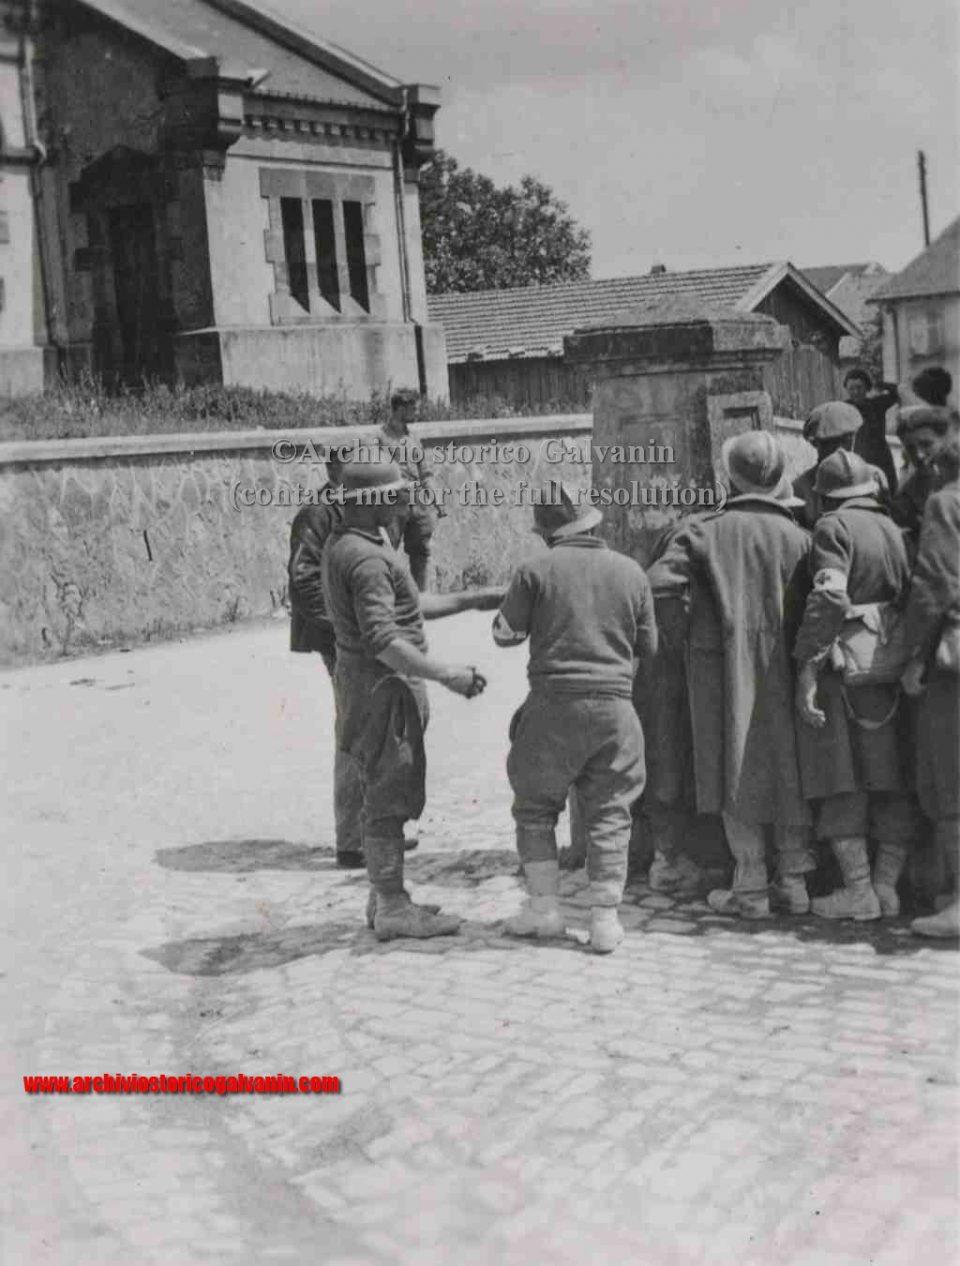 Sedan, Sedan 1940, Sedan ww2, Sedan battaglia, sedan blitzkrieg, Campagna di Francia, Bulson battle, battaglia di Bulson, Maginot linea, 1940 frankreick, prisoners, prigionieri sedan, prigionieri francesi